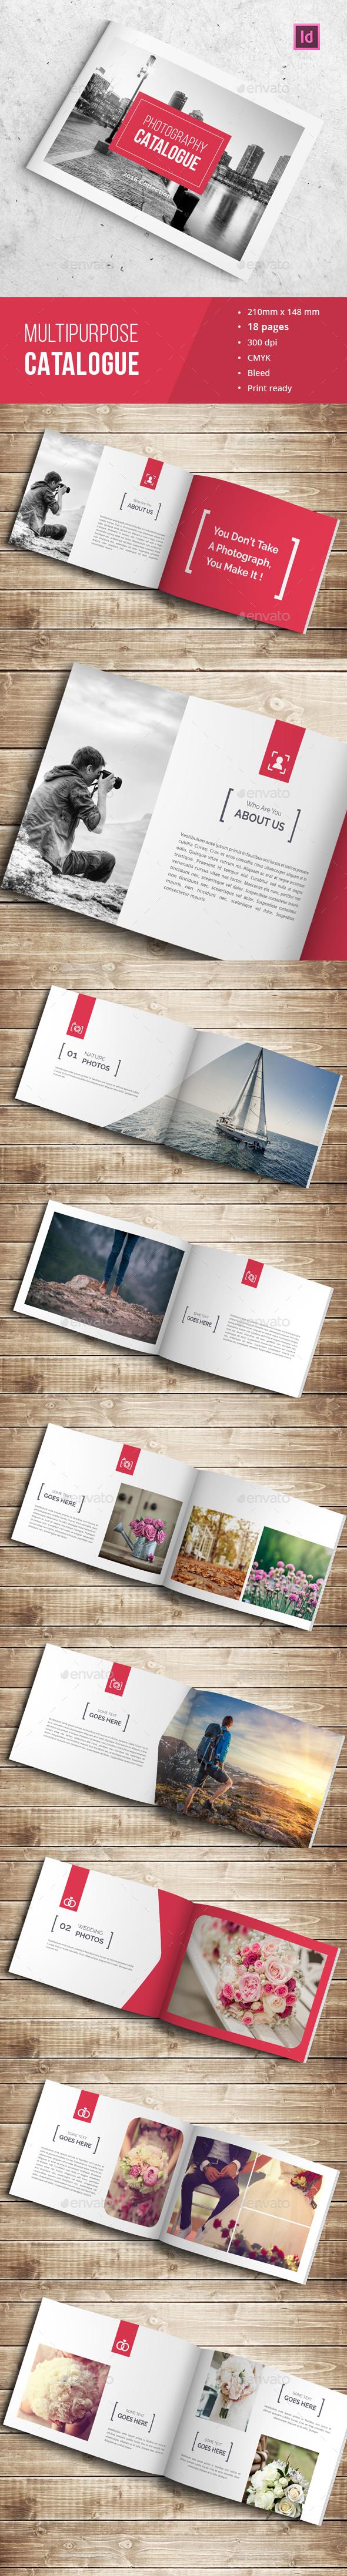 Photographer_Portfolio Catalogue - Catalogs Brochures